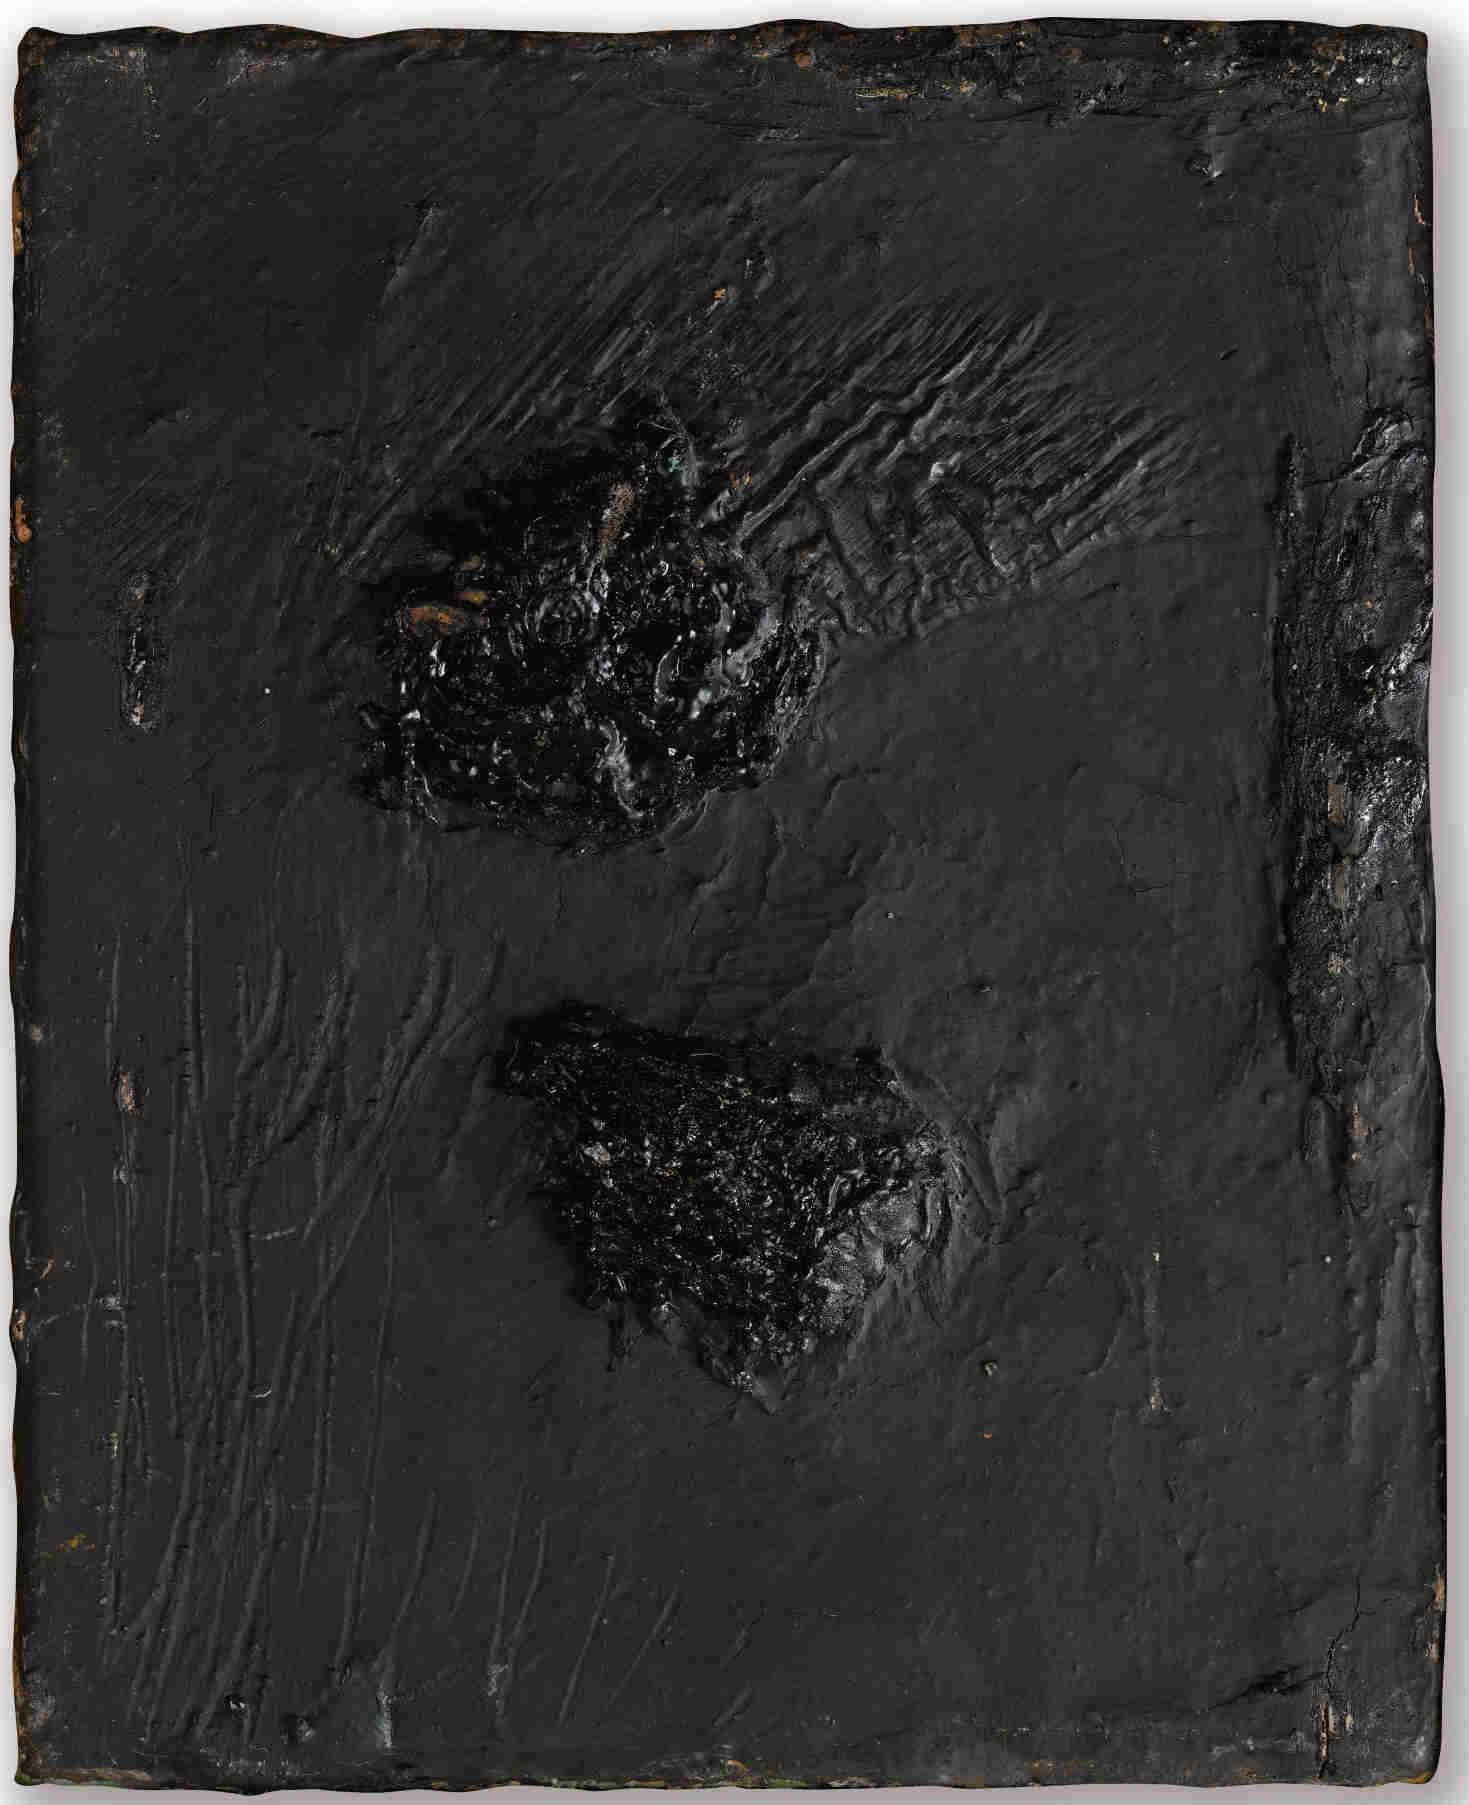 Pierre Tal-Coat-Untitled-1970